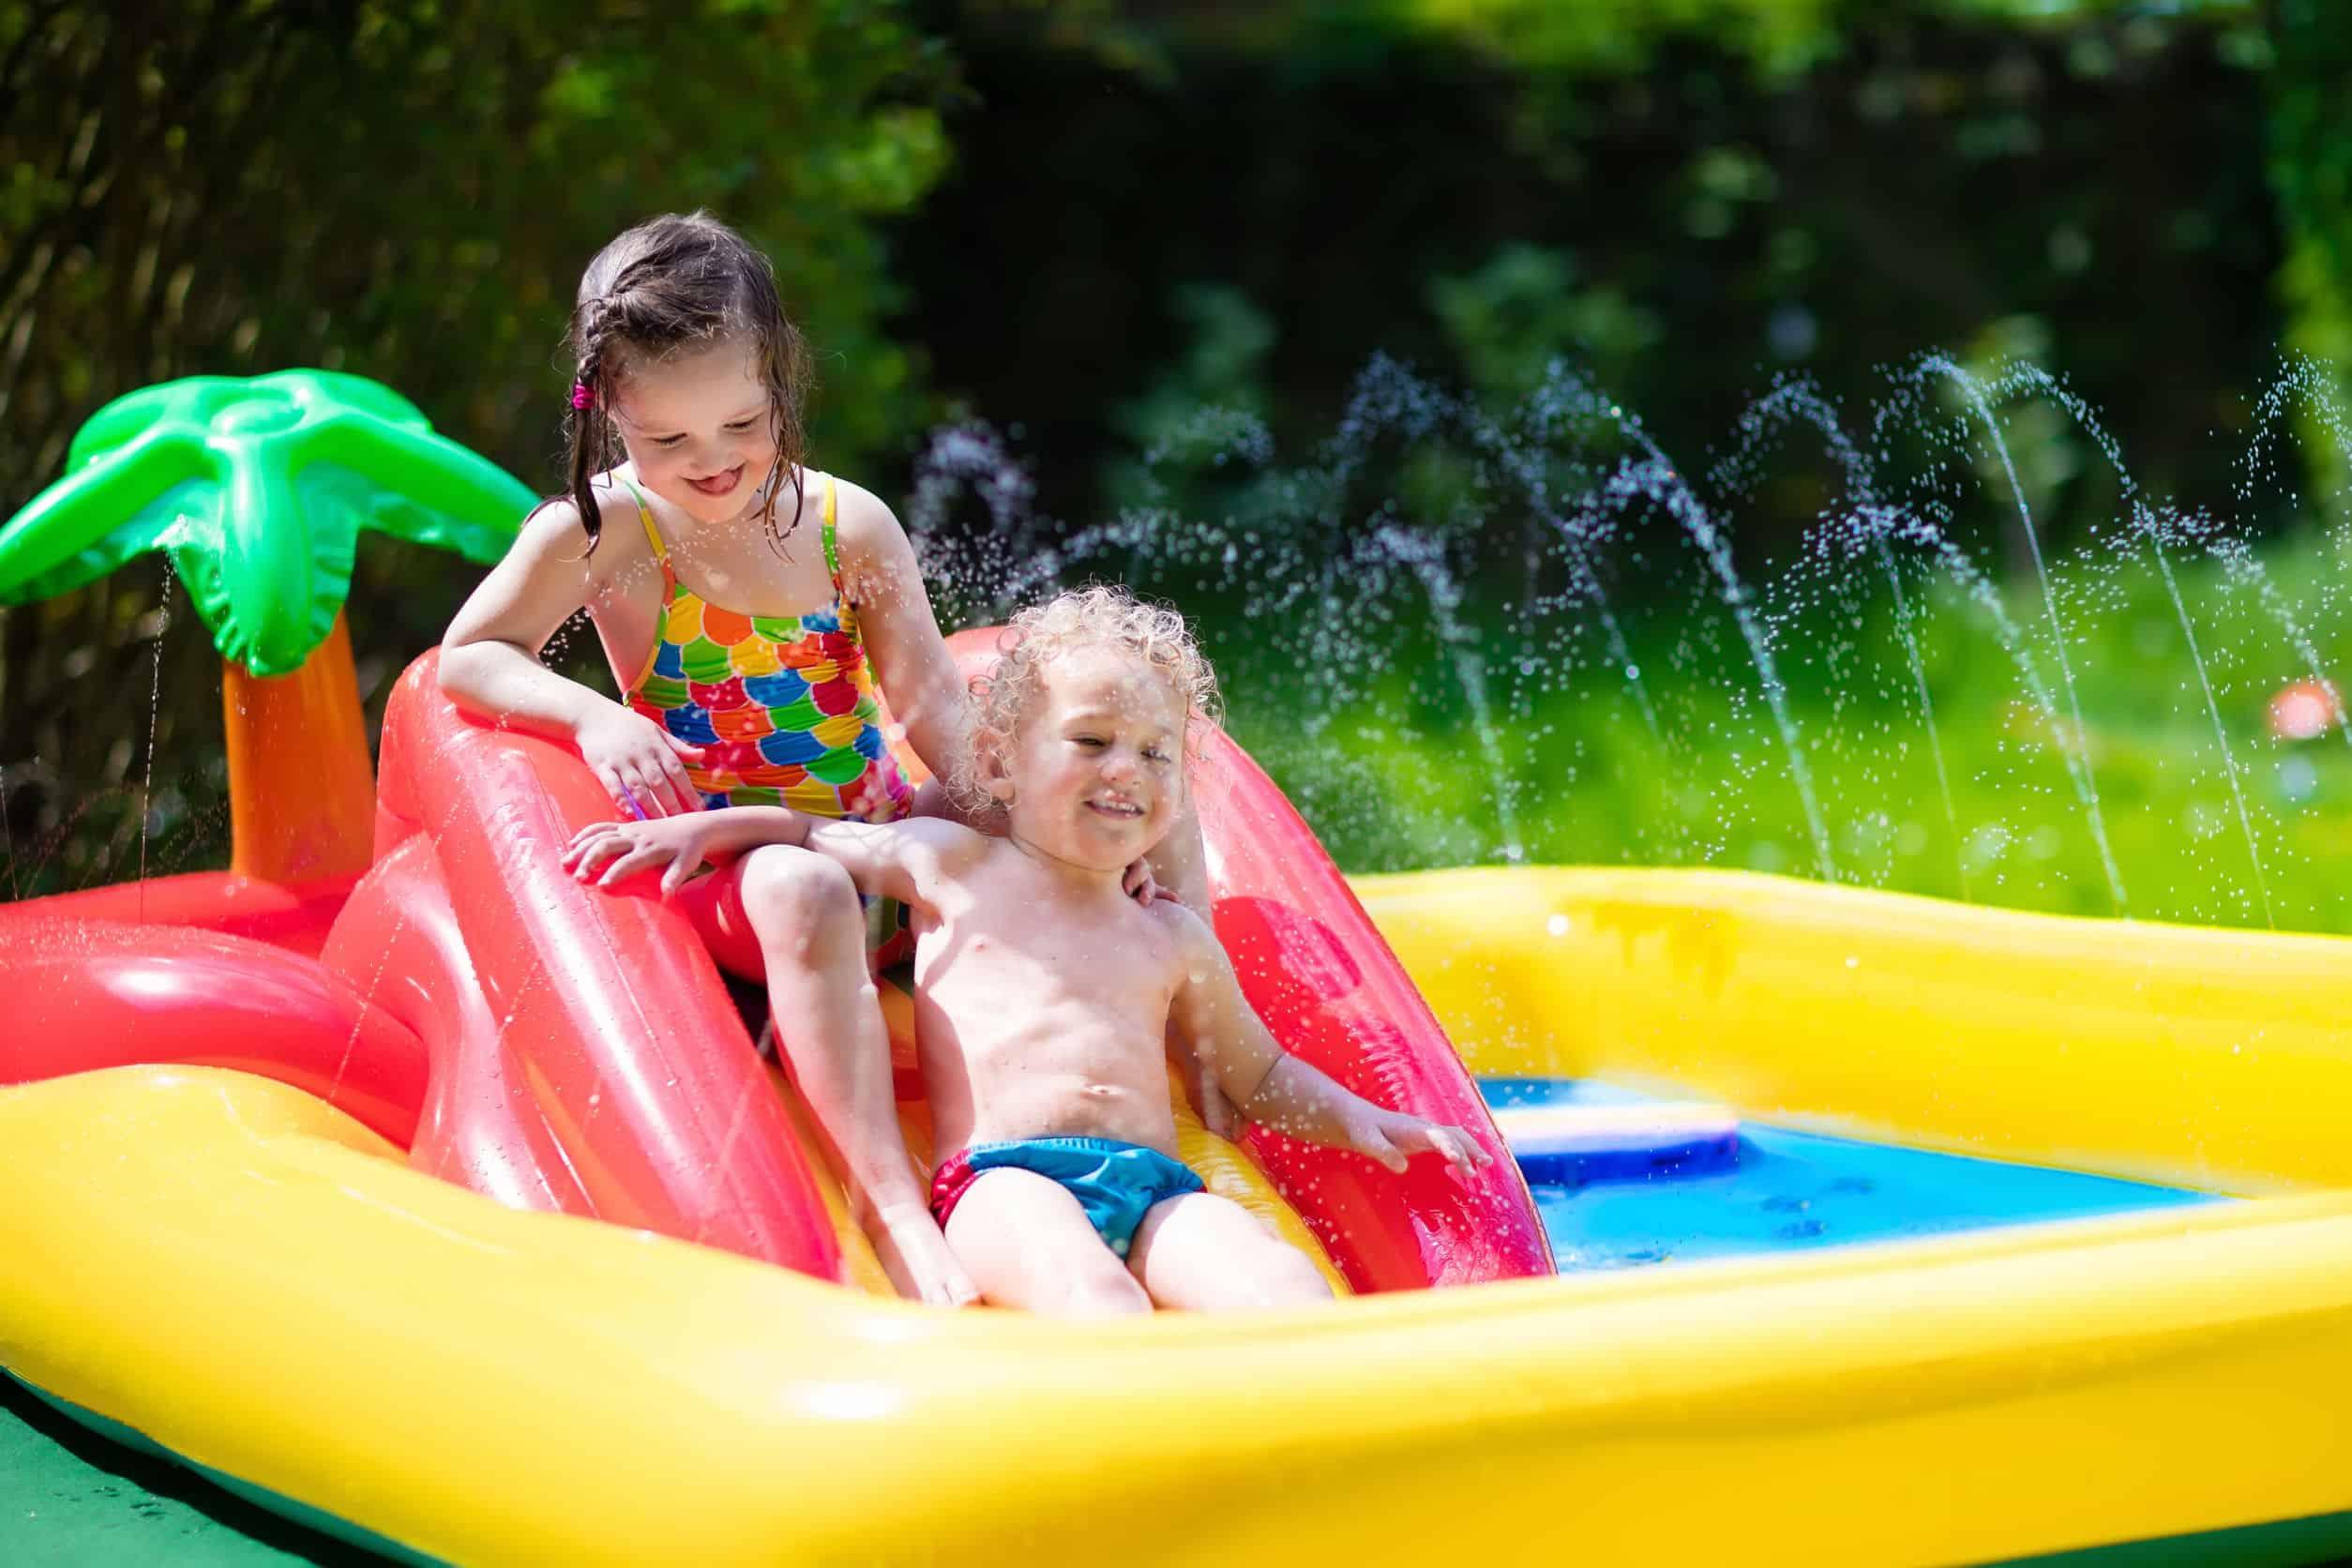 Beste Opblaasbaar Zwembad: Winkelgids en Aanbevelingen (09/21)